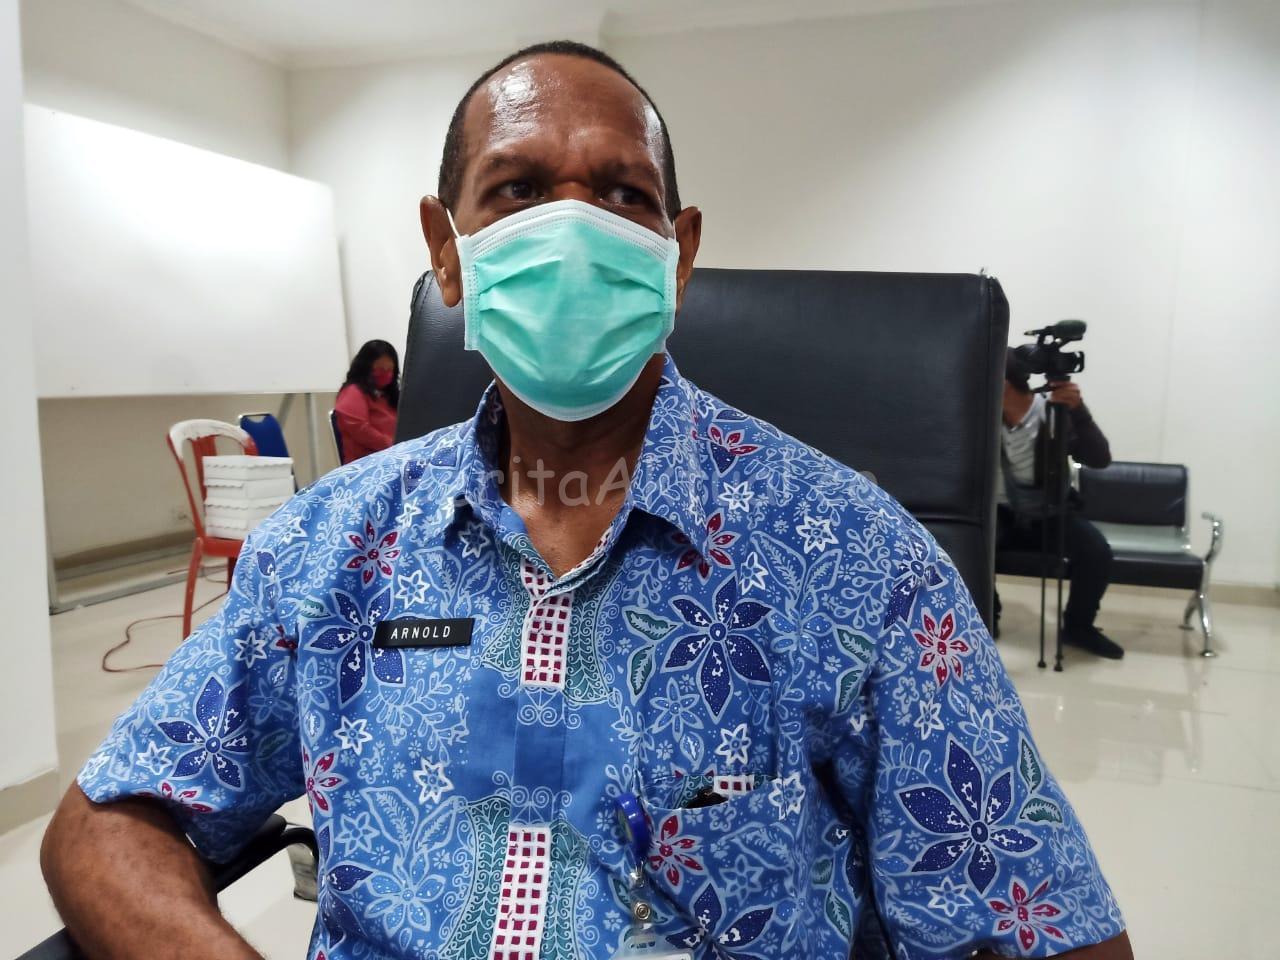 Arnoldus Tiniap: Baru 5 Kabupaten Kota di PB Yang Telah Siapkan Karantina Terpusat 5 IMG 20200521 WA0040